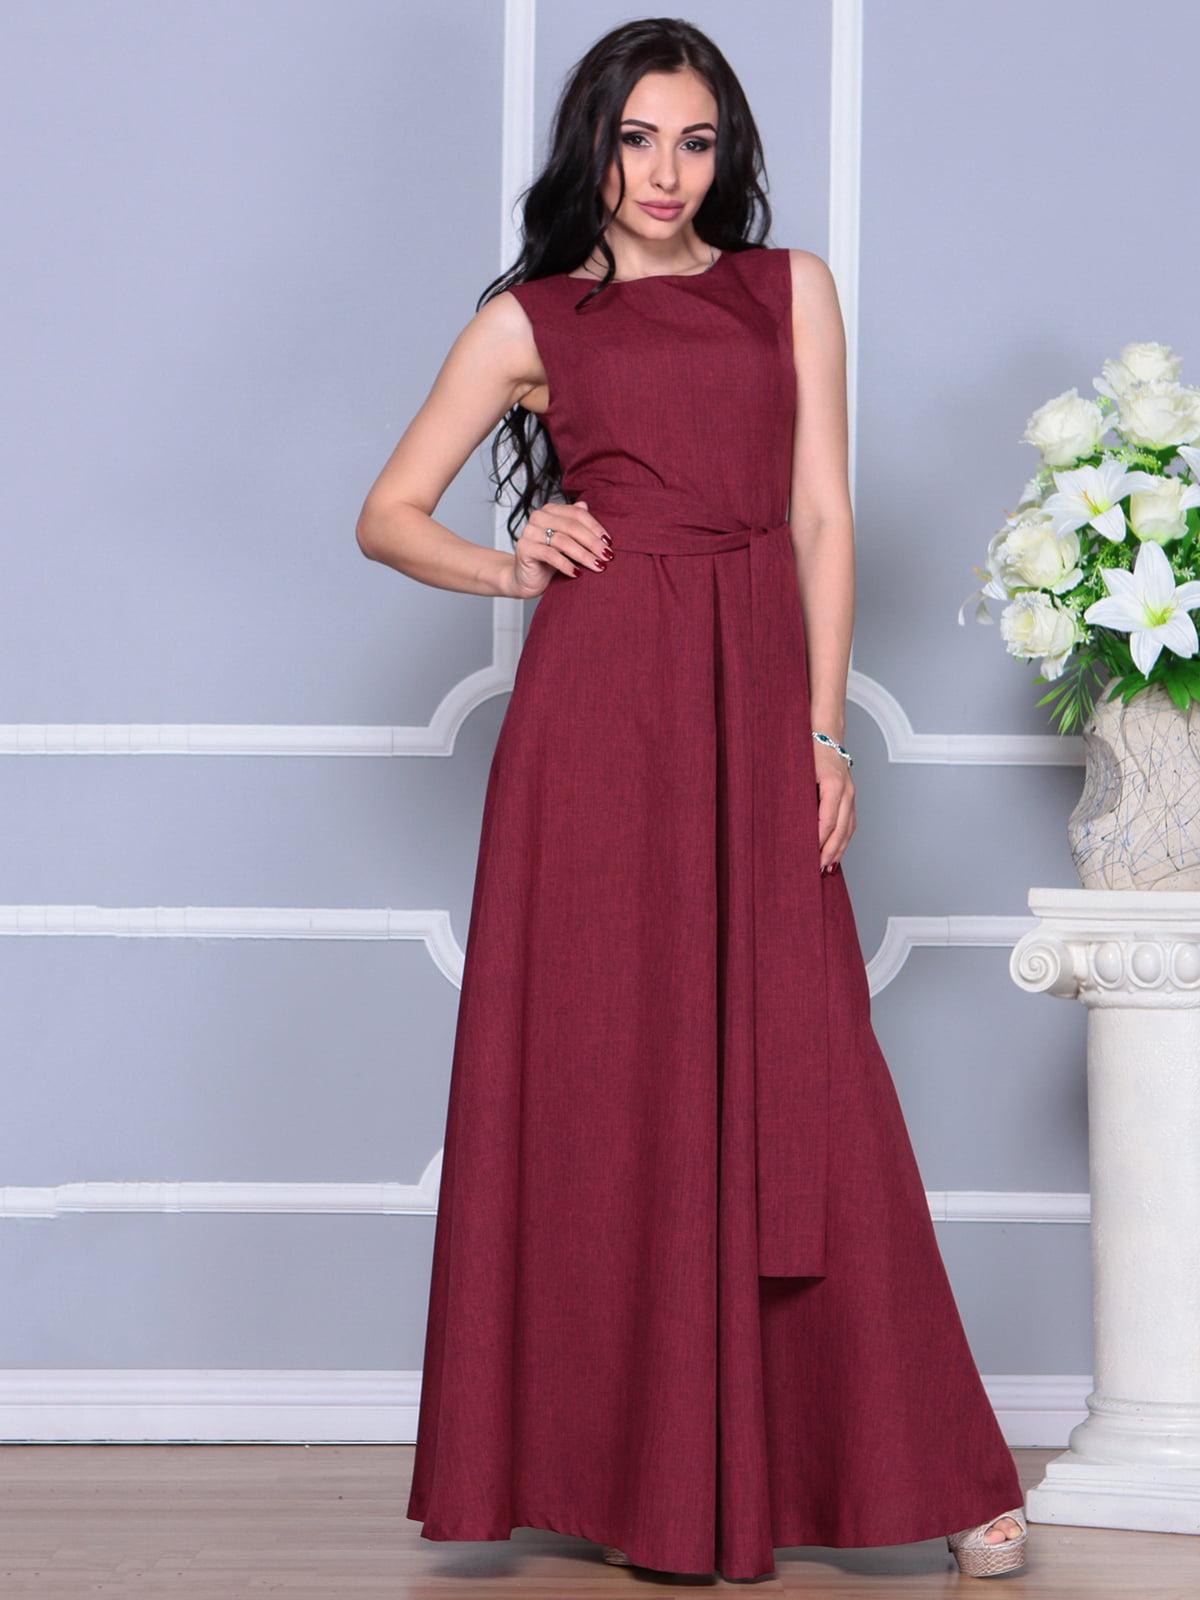 Платье светло-сливовое   4297745   фото 4